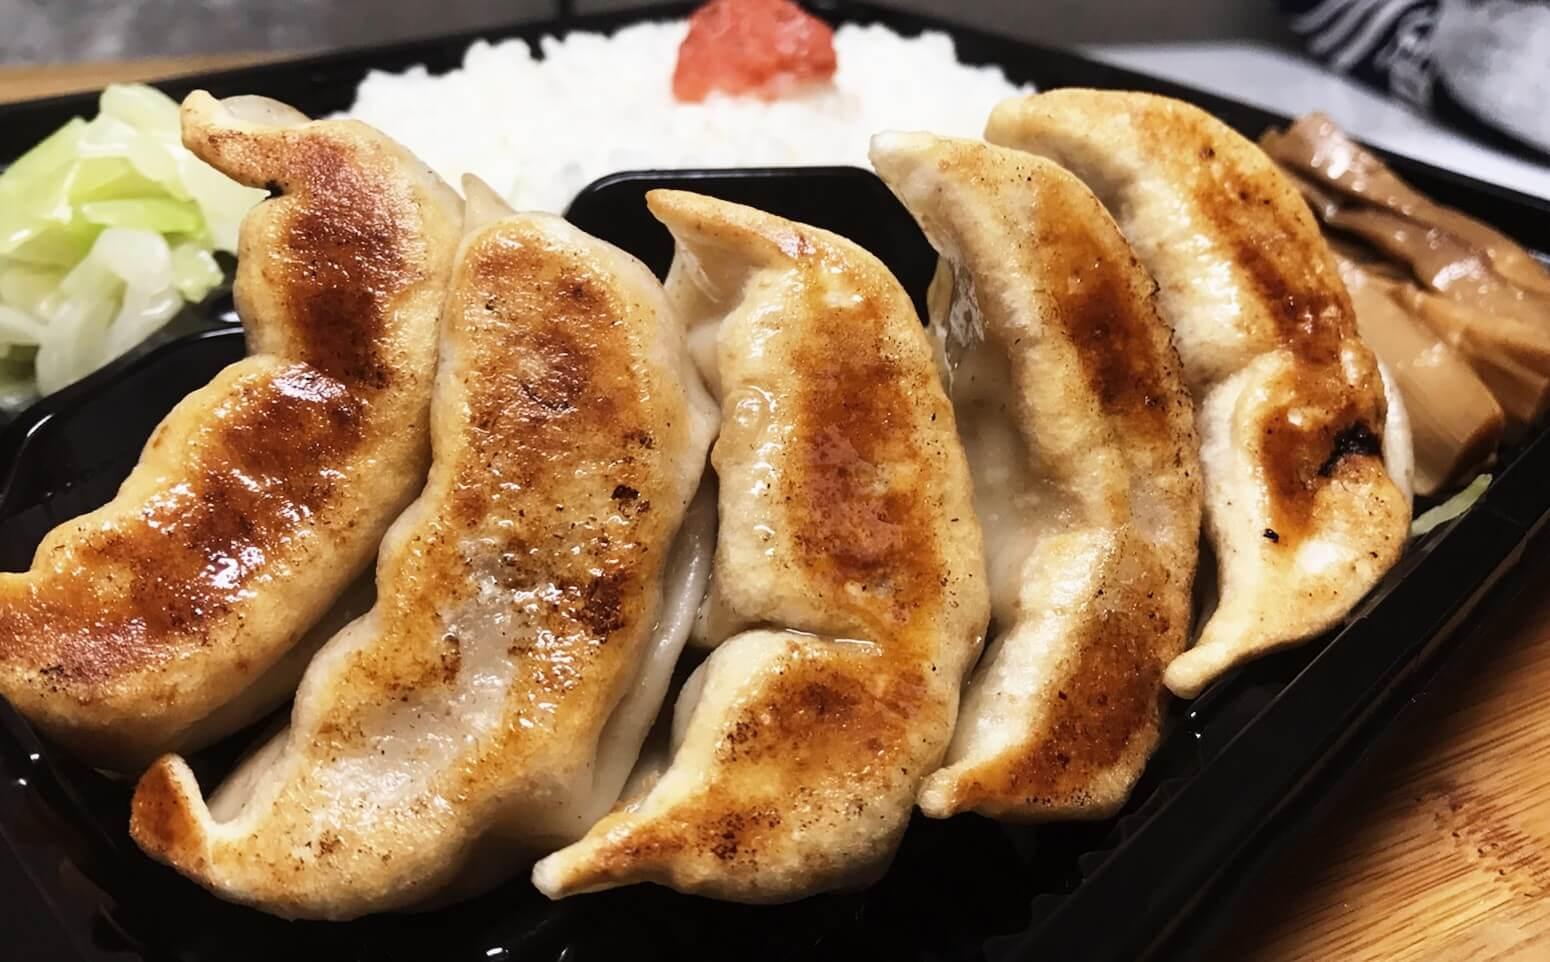 ダンダダン酒場の肉汁焼餃子弁当